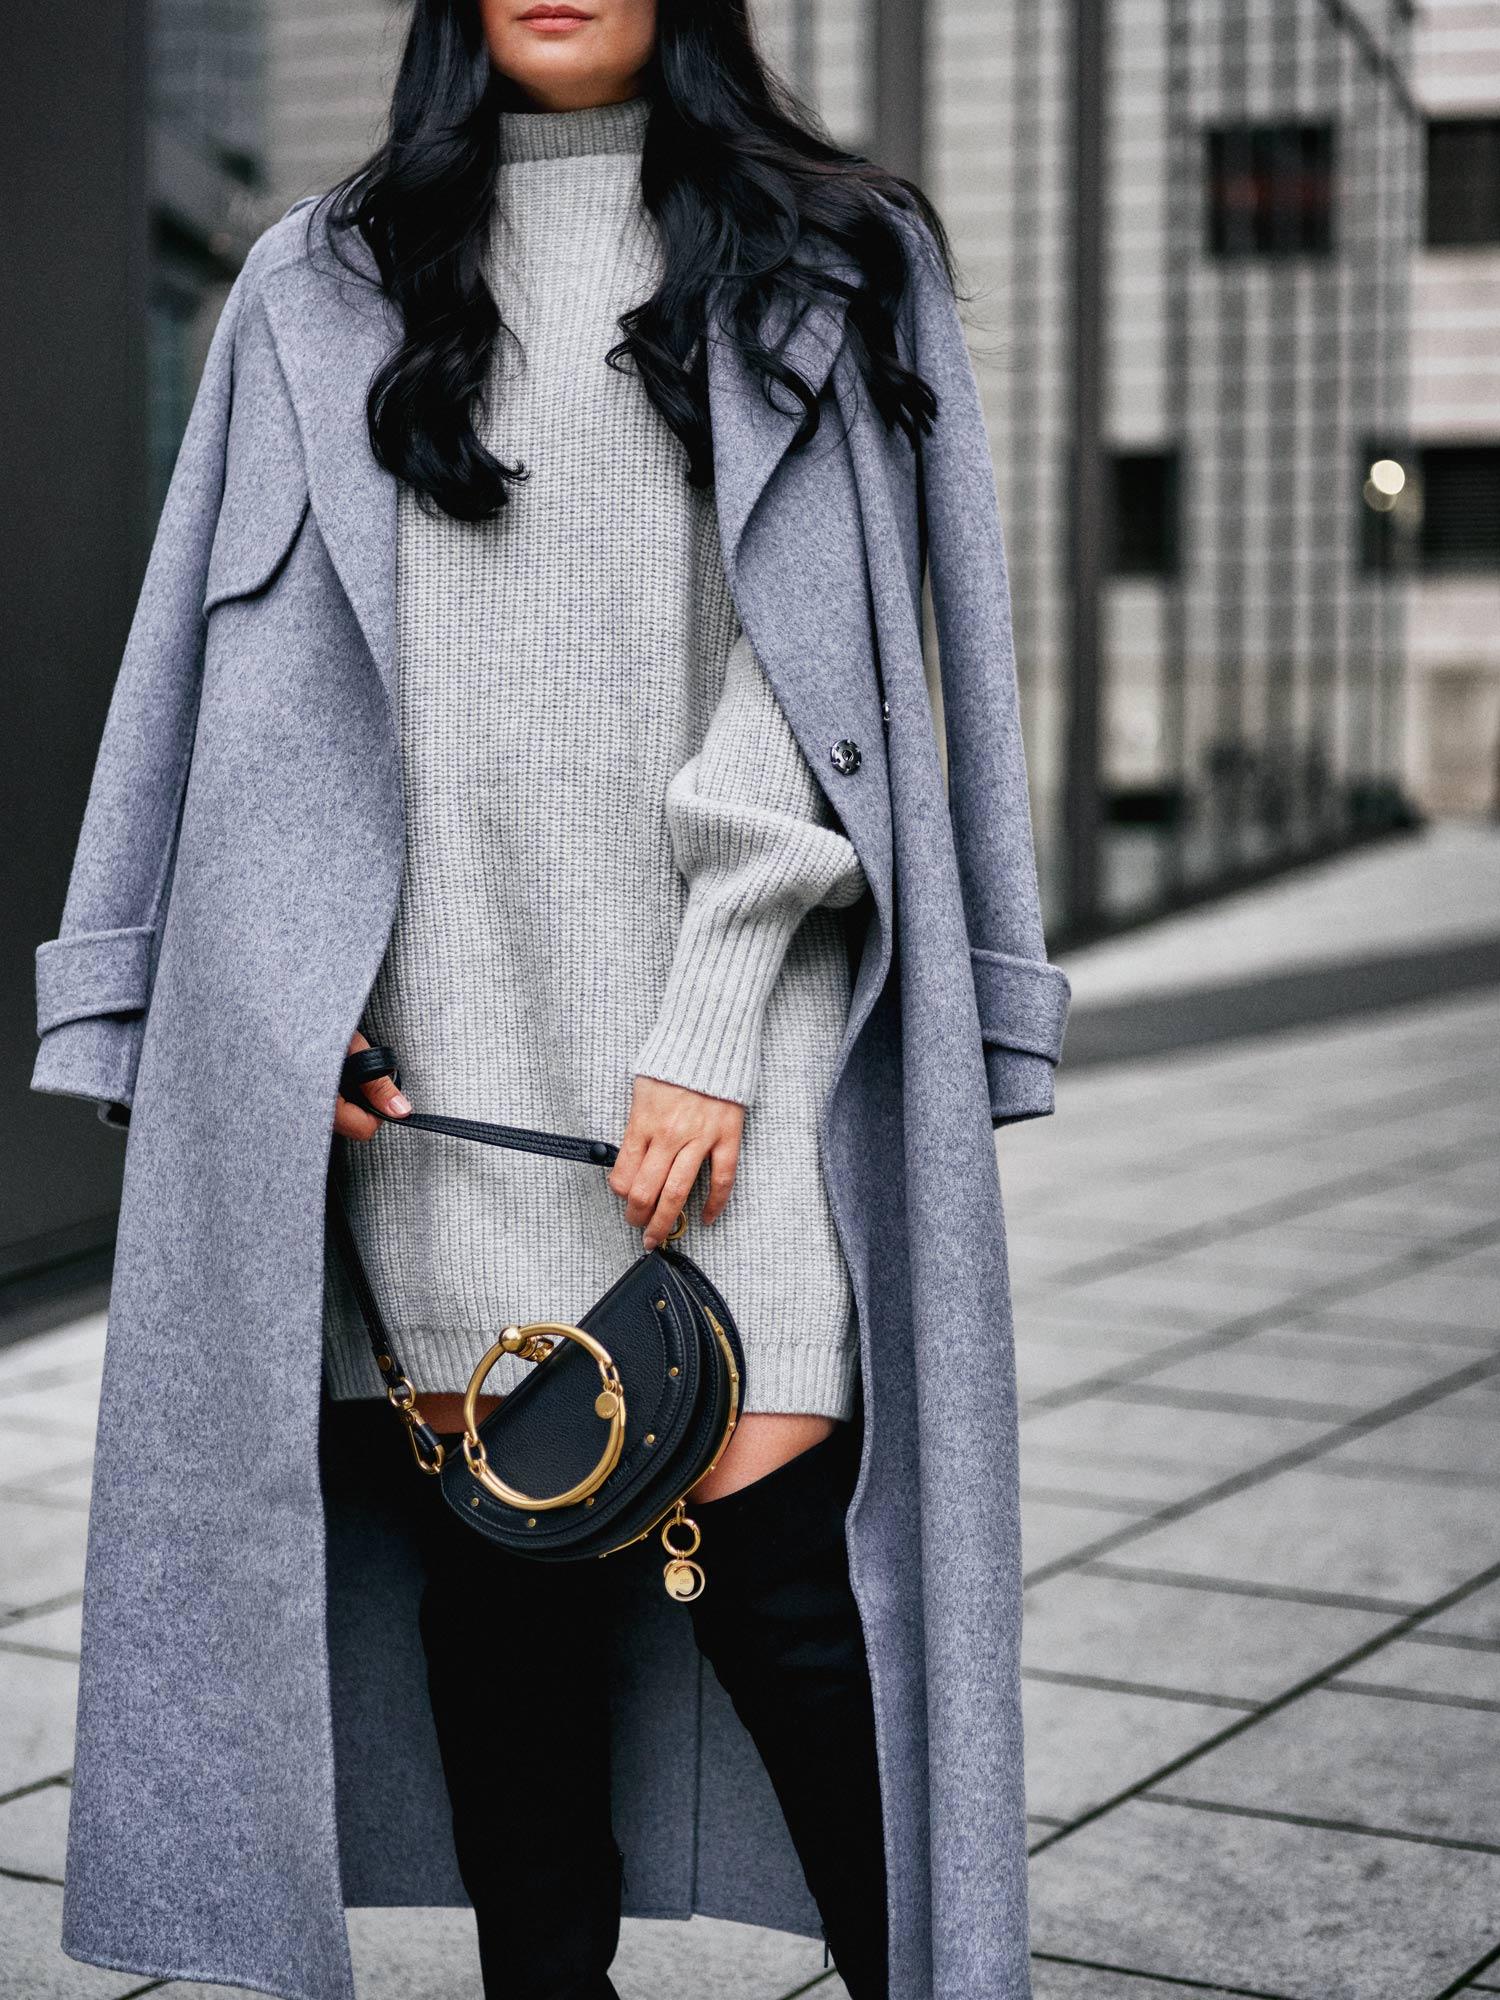 fashion-blogger-aus-muenchen-fashionblogger-lifestyleblogger-beautyblogger-fashion-blogger-modeblogger-modeblog-munich-blog-muenchen-grau-als-klassiker-von-wegen-graue-maus